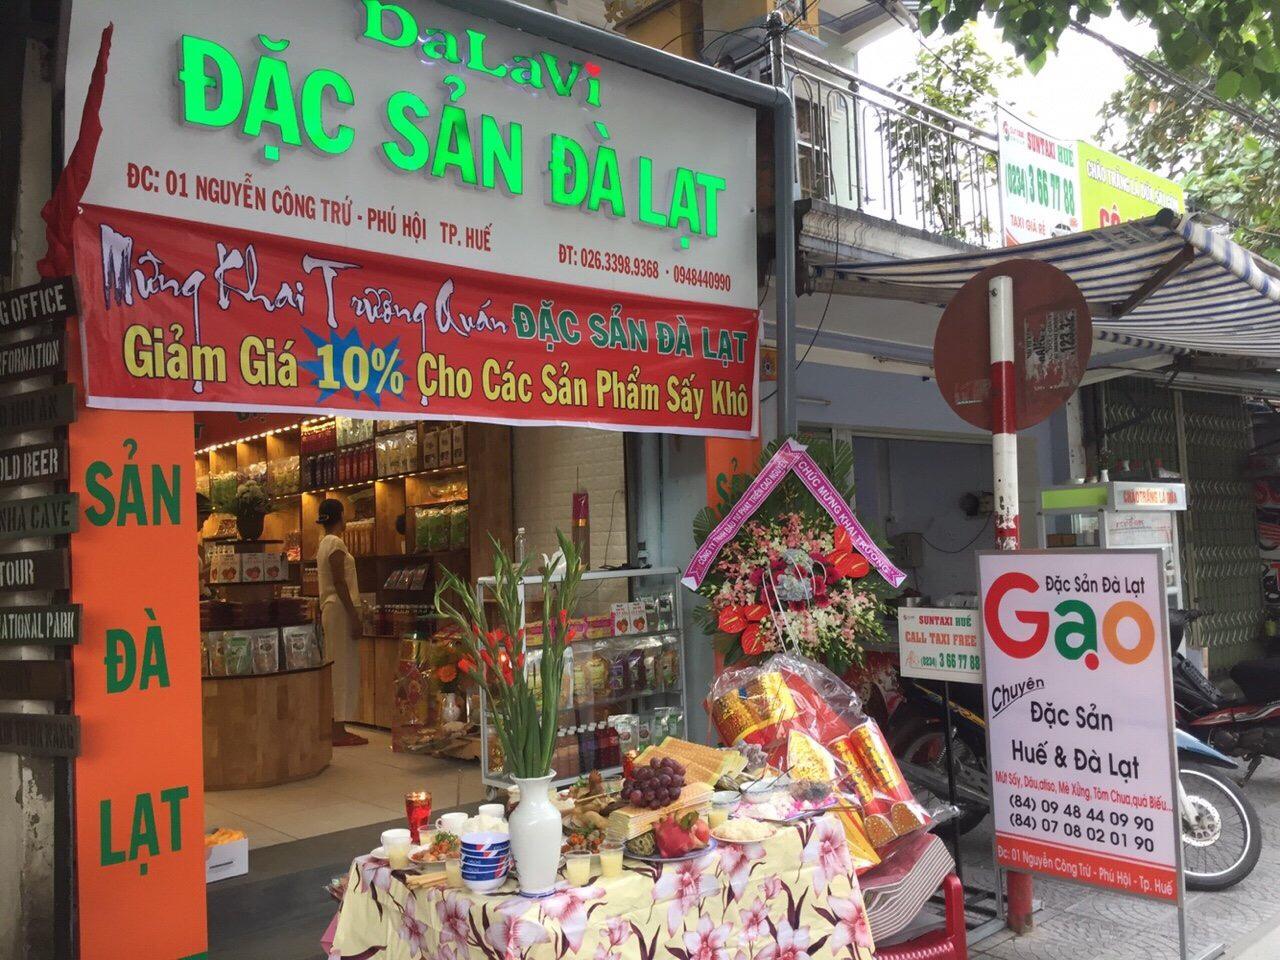 dac-san-da-lat-tai-hue (3)